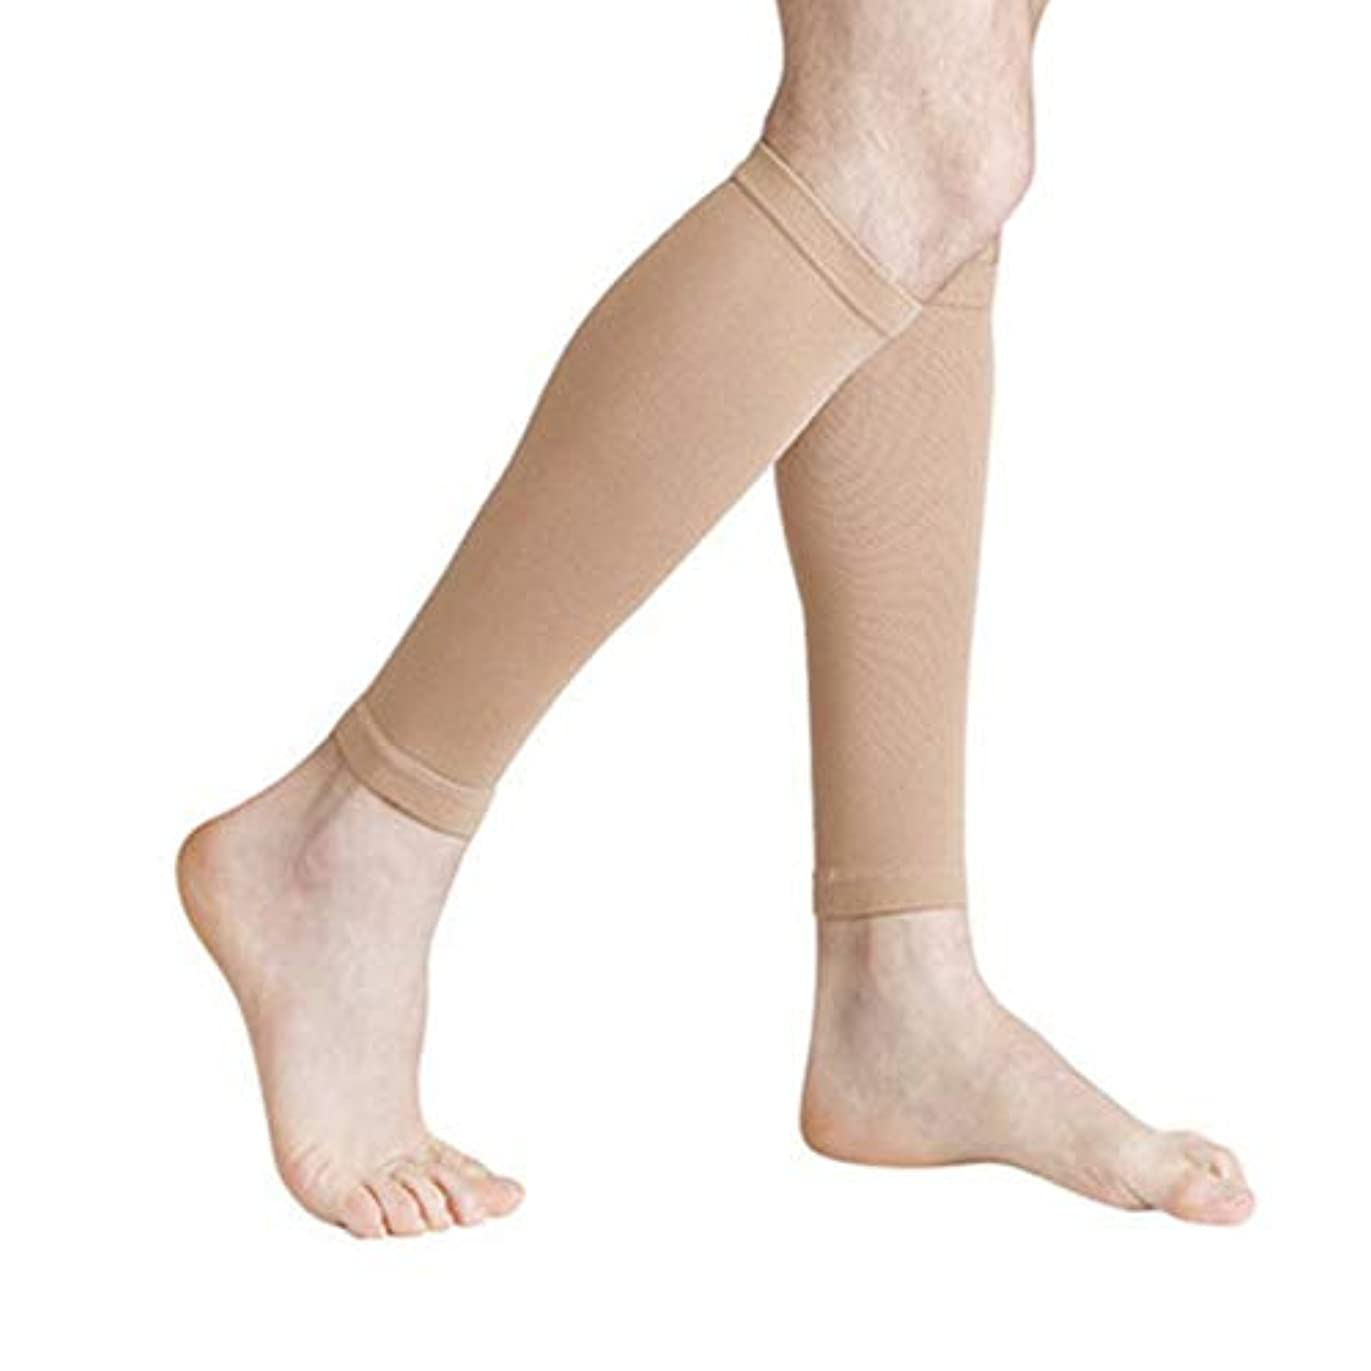 装備するなので光景丈夫な男性女性プロの圧縮靴下通気性のある旅行活動看護師用シンススプリントフライトトラベル - ブラック